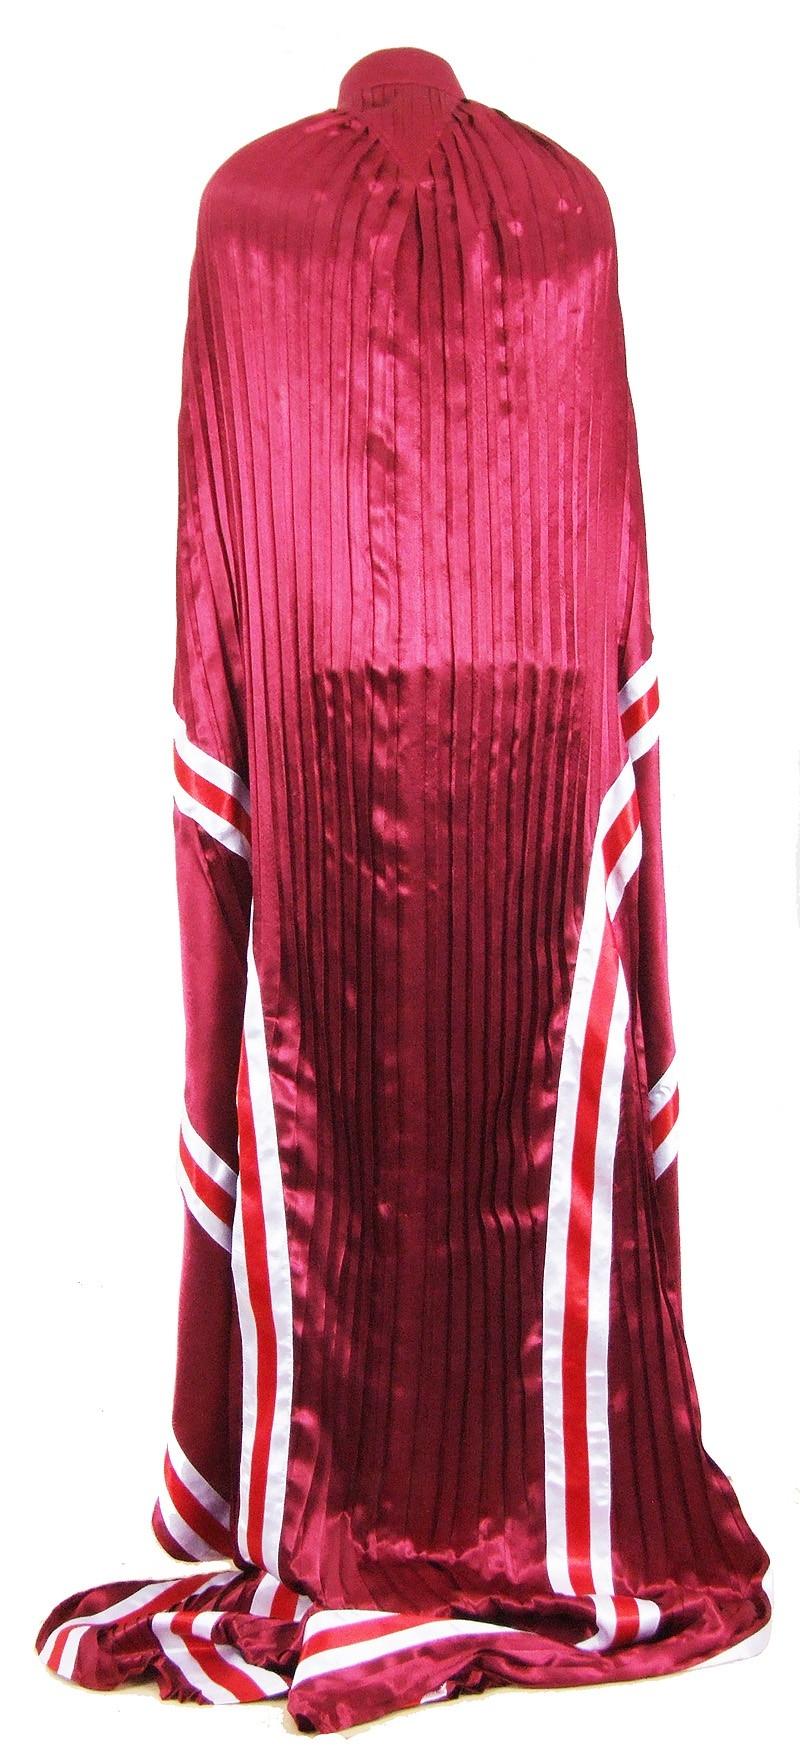 orthodox church vestments - clergy vestments